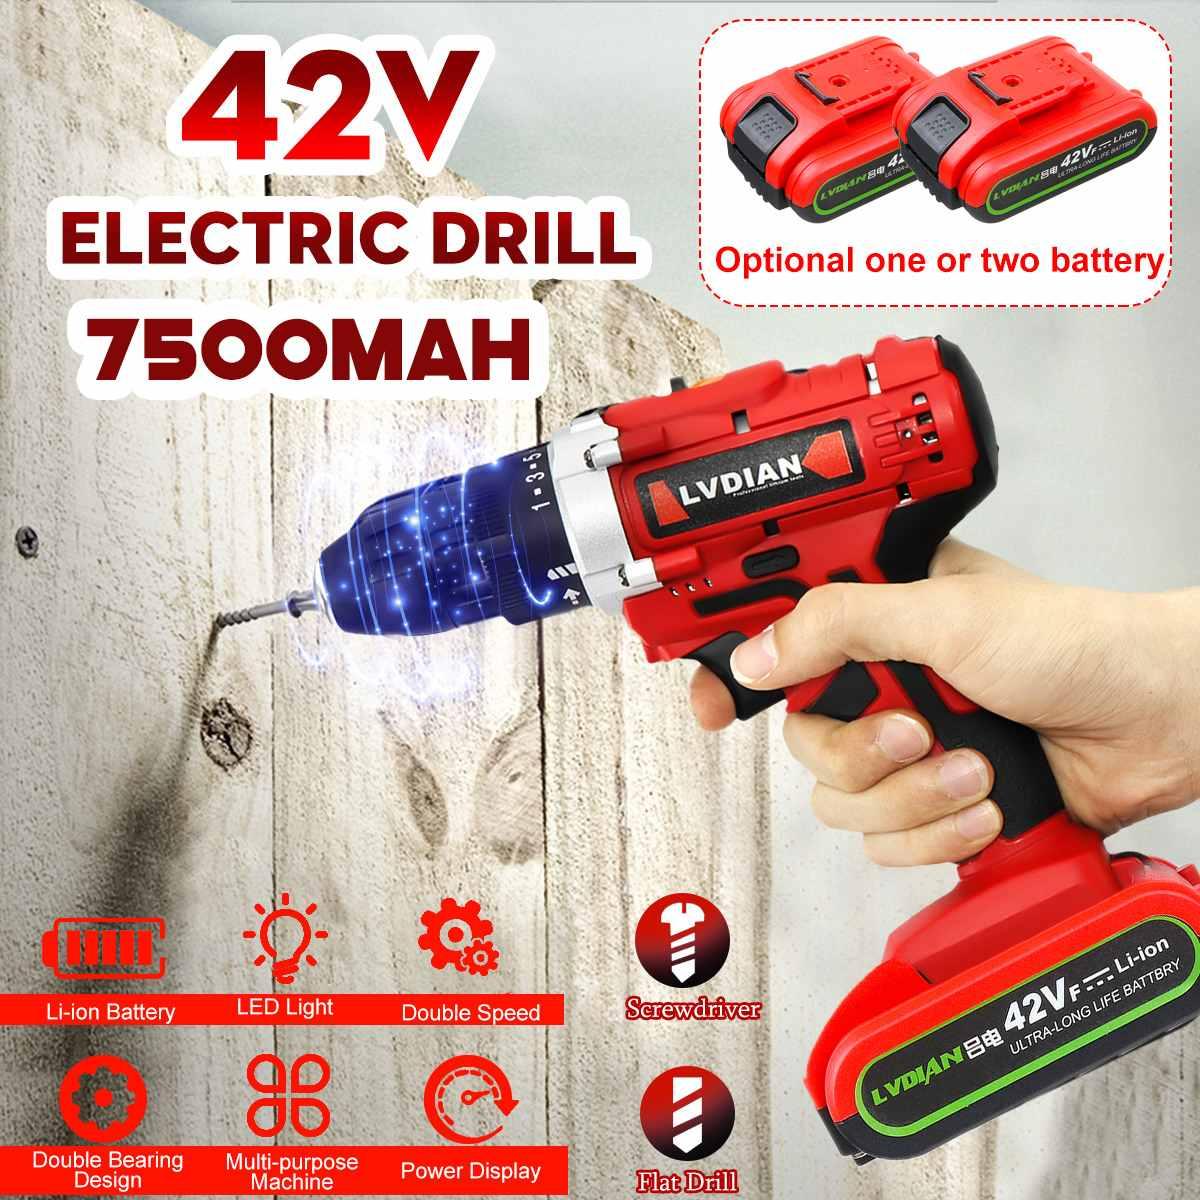 42V perceuse électrique perceuse à percussion électrique sans fil Double vitesse 50Nm tournevis 25 + 1 couple puissance lumière LED 2 batterie polisseuse